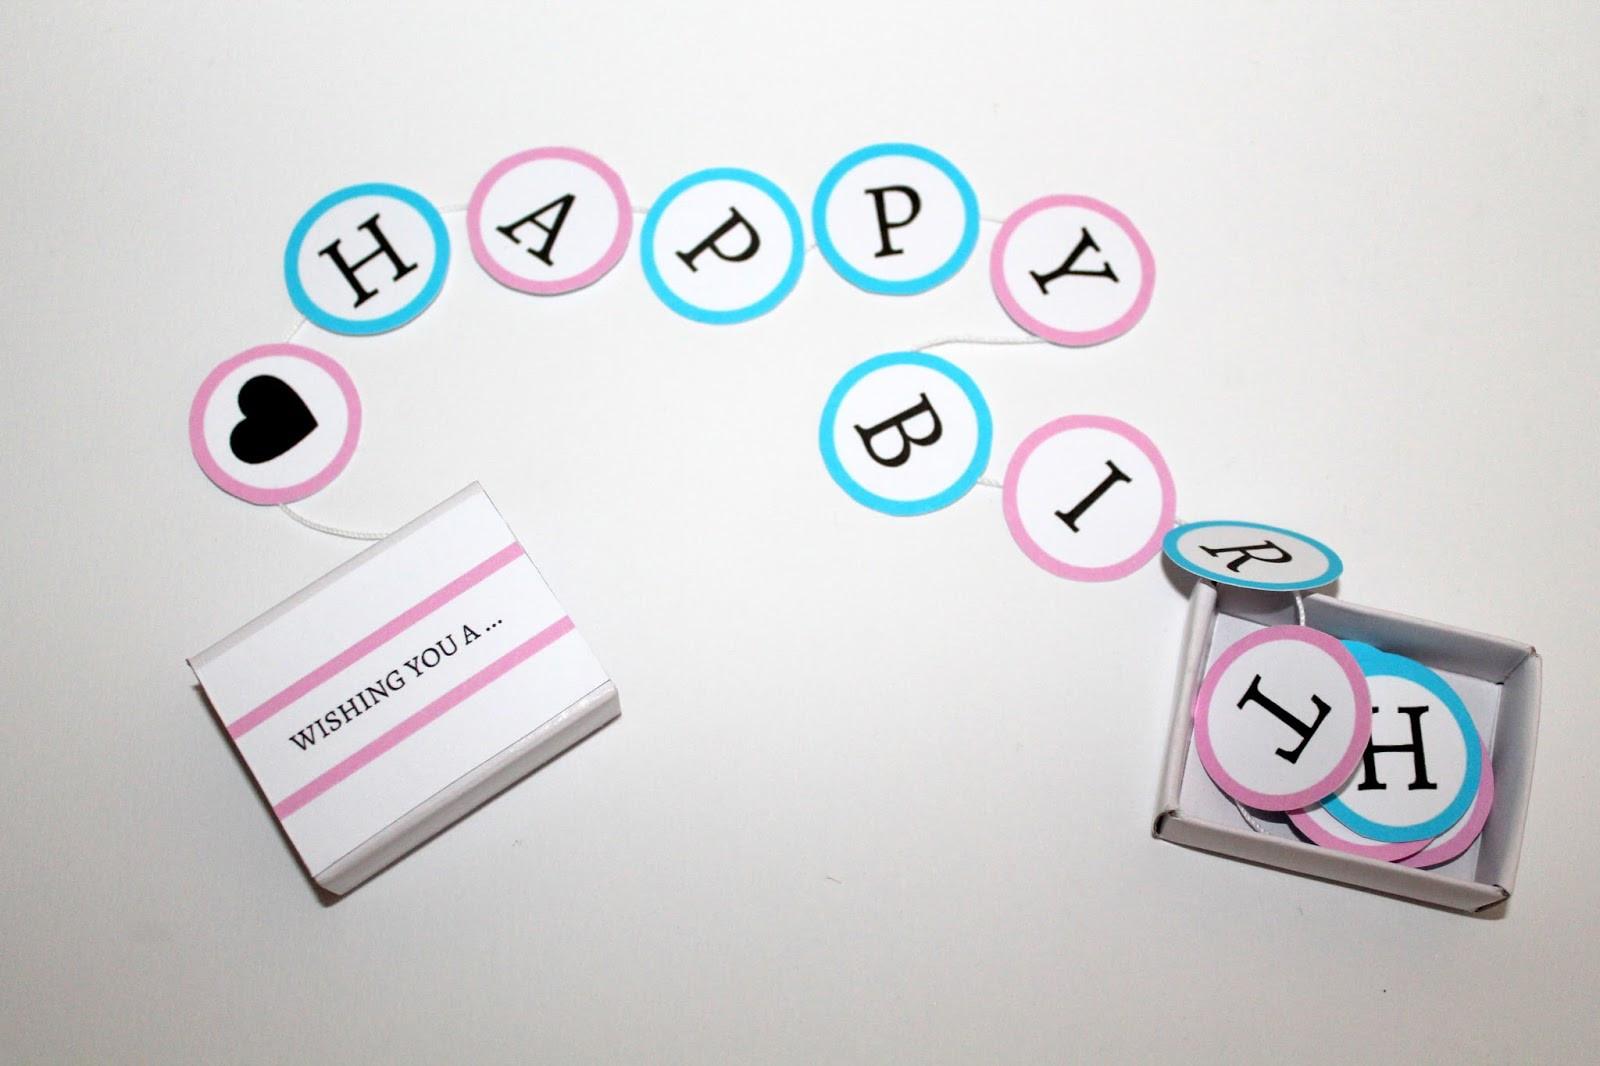 Www.Telekom.De/Geburtstagsgeschenk  DIY süßes Geburtstagsgeschenk in einer